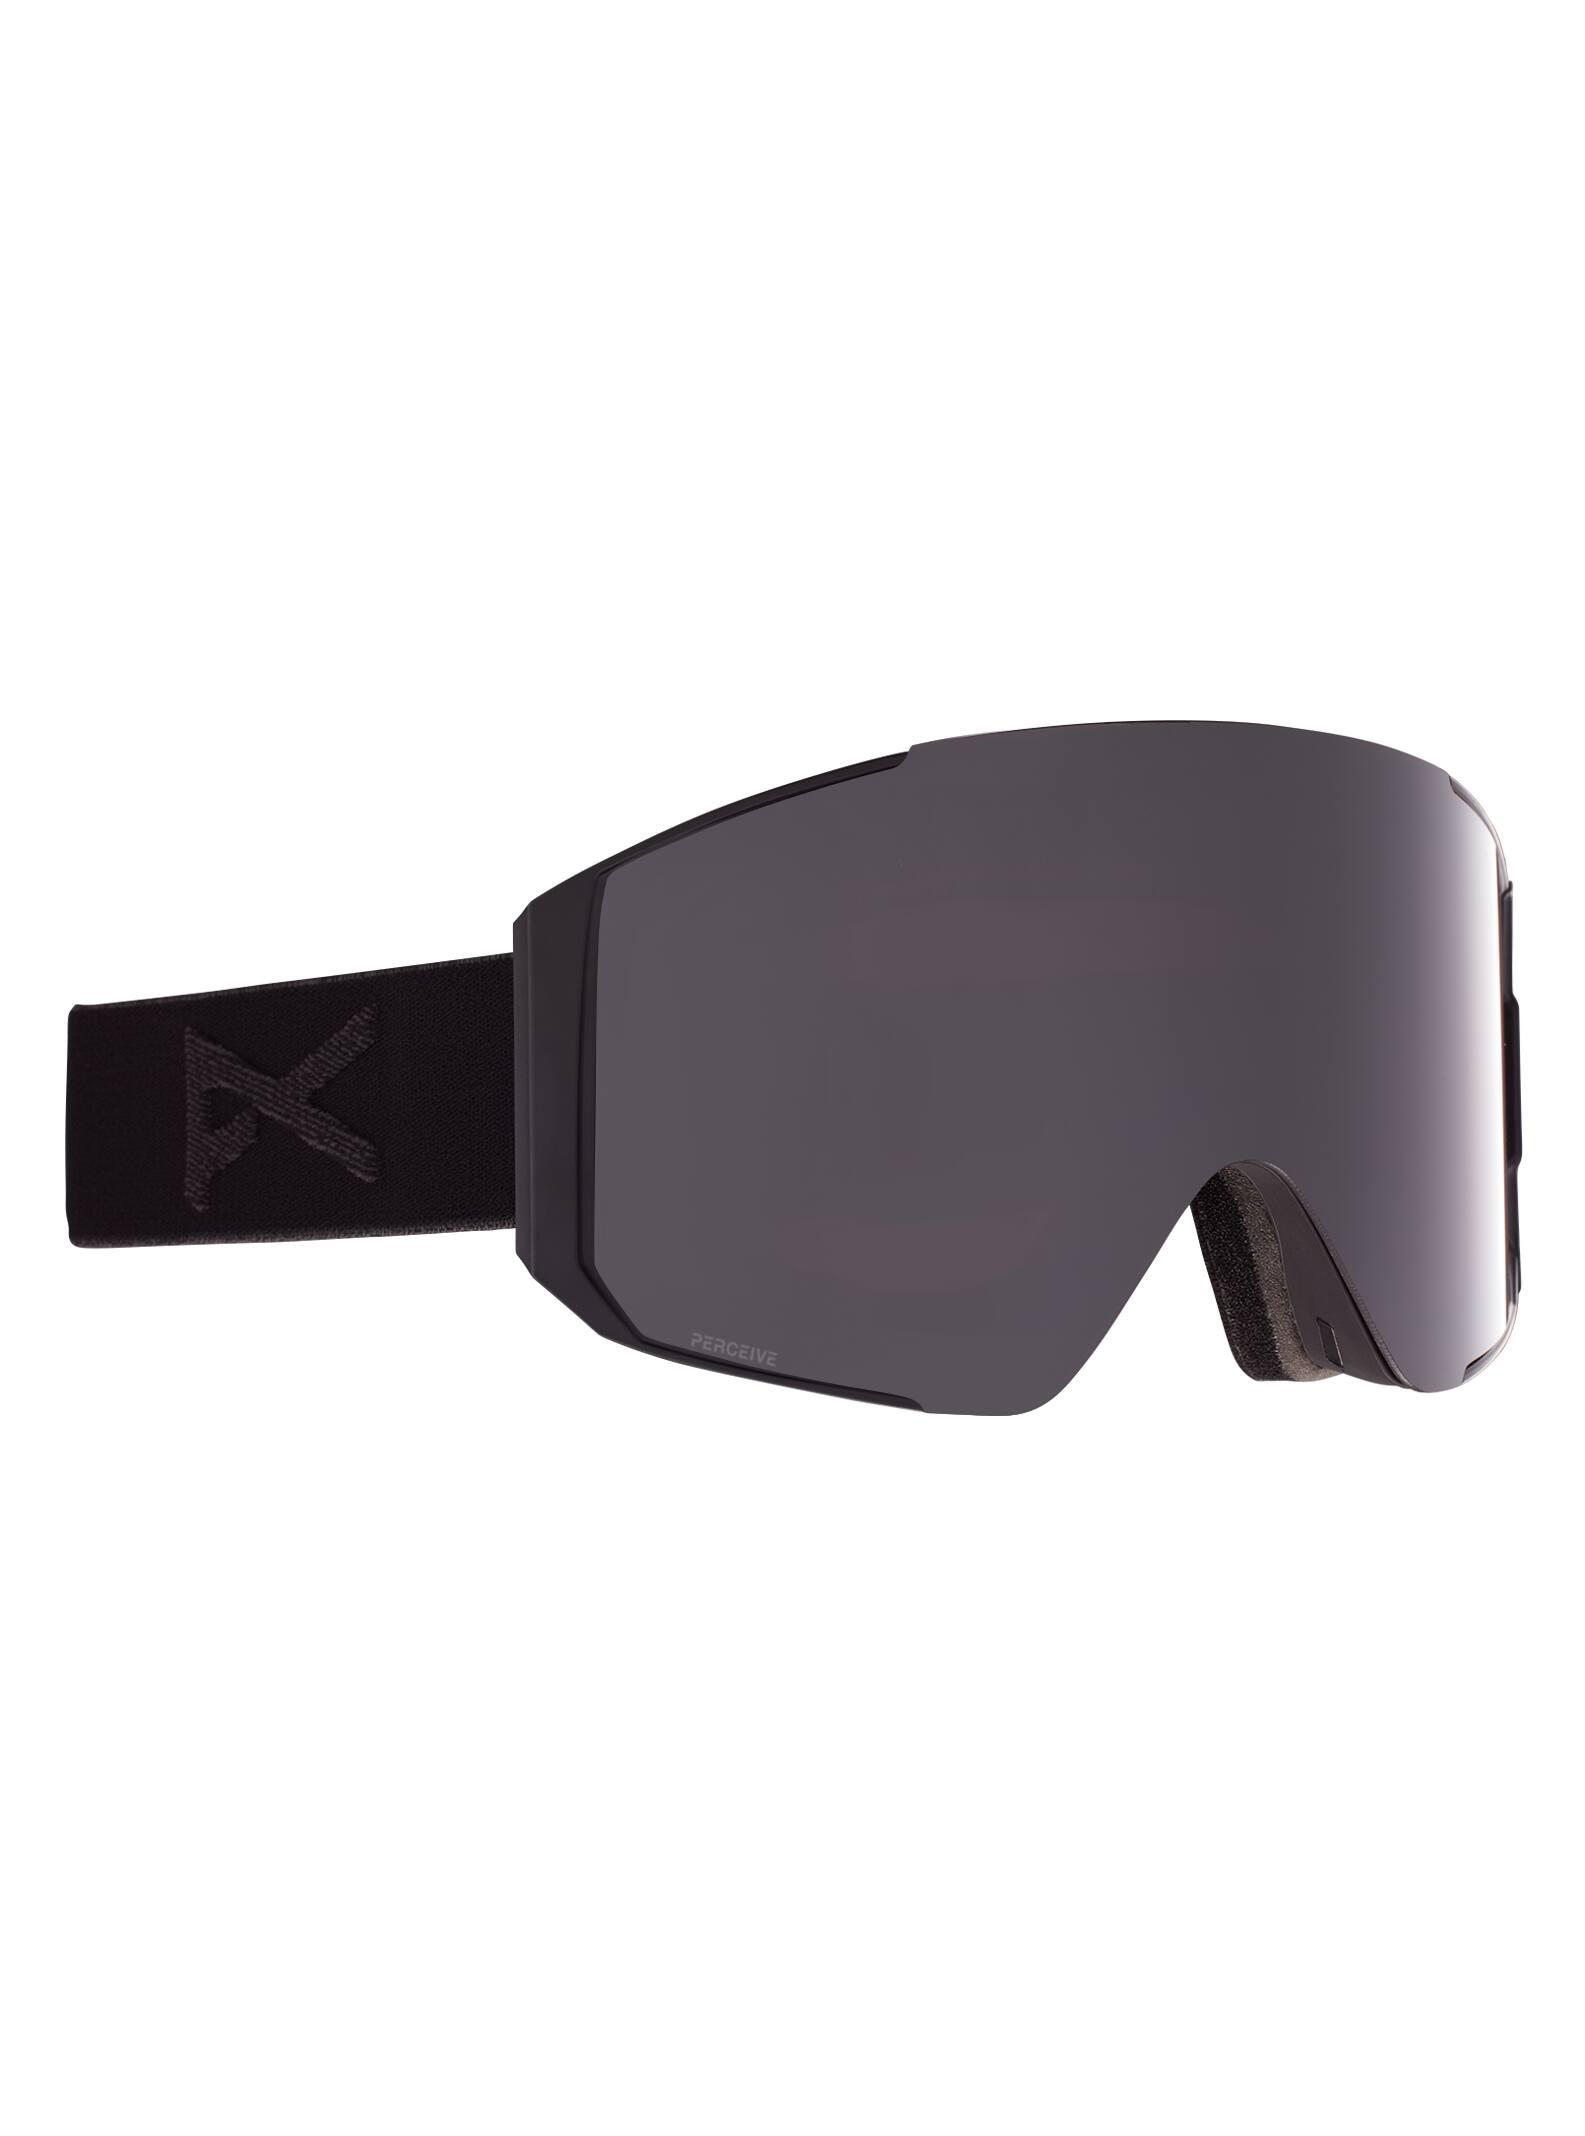 Anon Sync Snapback skidglasögon för herrar + reservlins